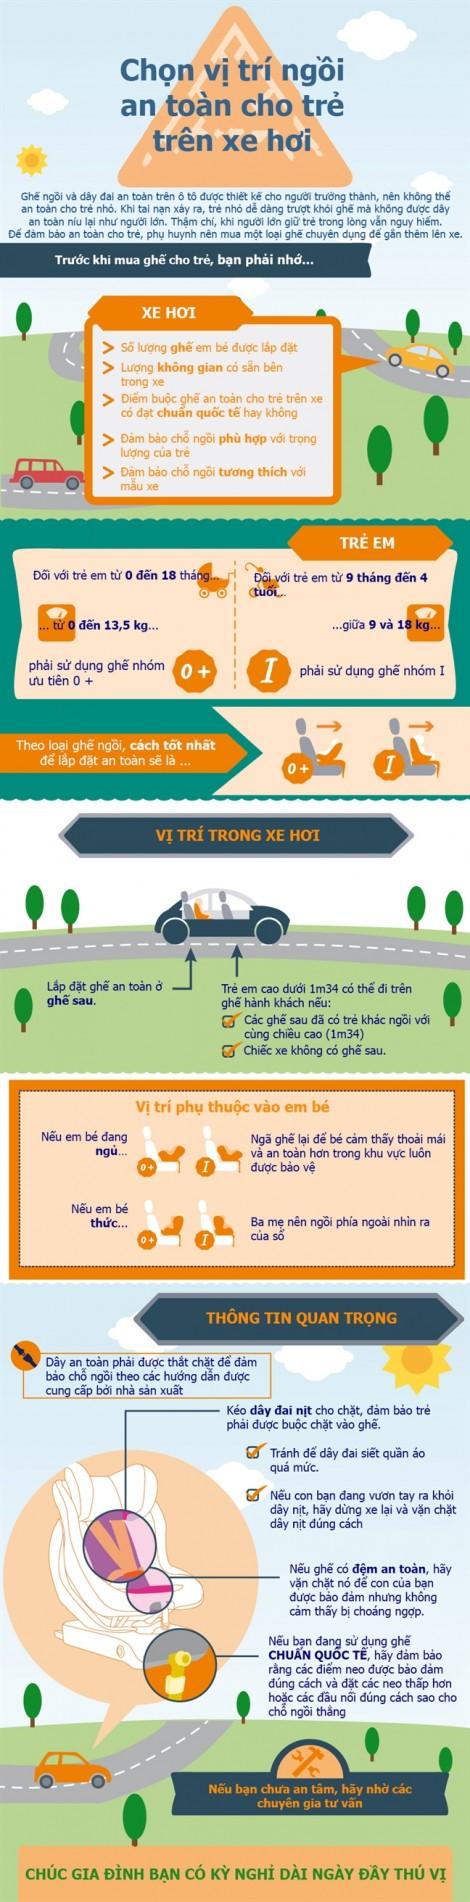 Cách chọn vị trí ngồi an toàn cho trẻ trên xe hơi